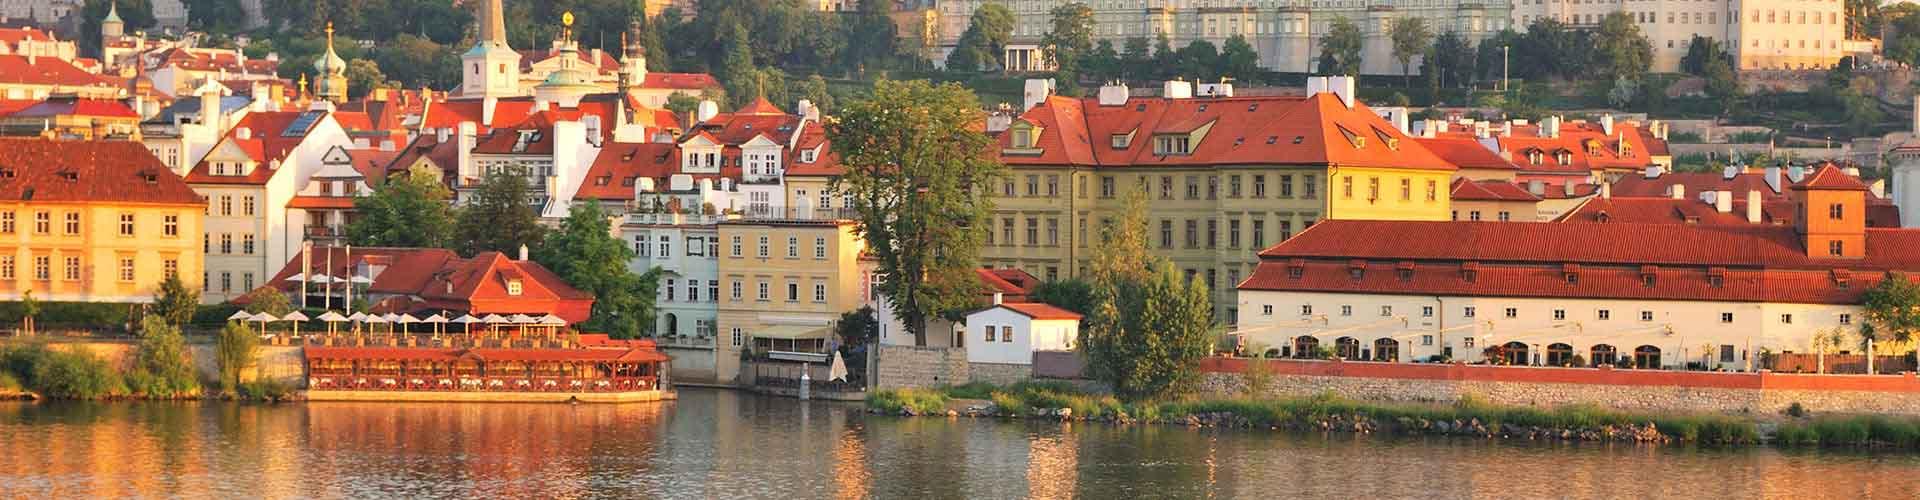 Praga – Albergues próximos a Castelo de Praga. Mapas para Praga, Fotos e Avaliações para cada Albergue em Praga.